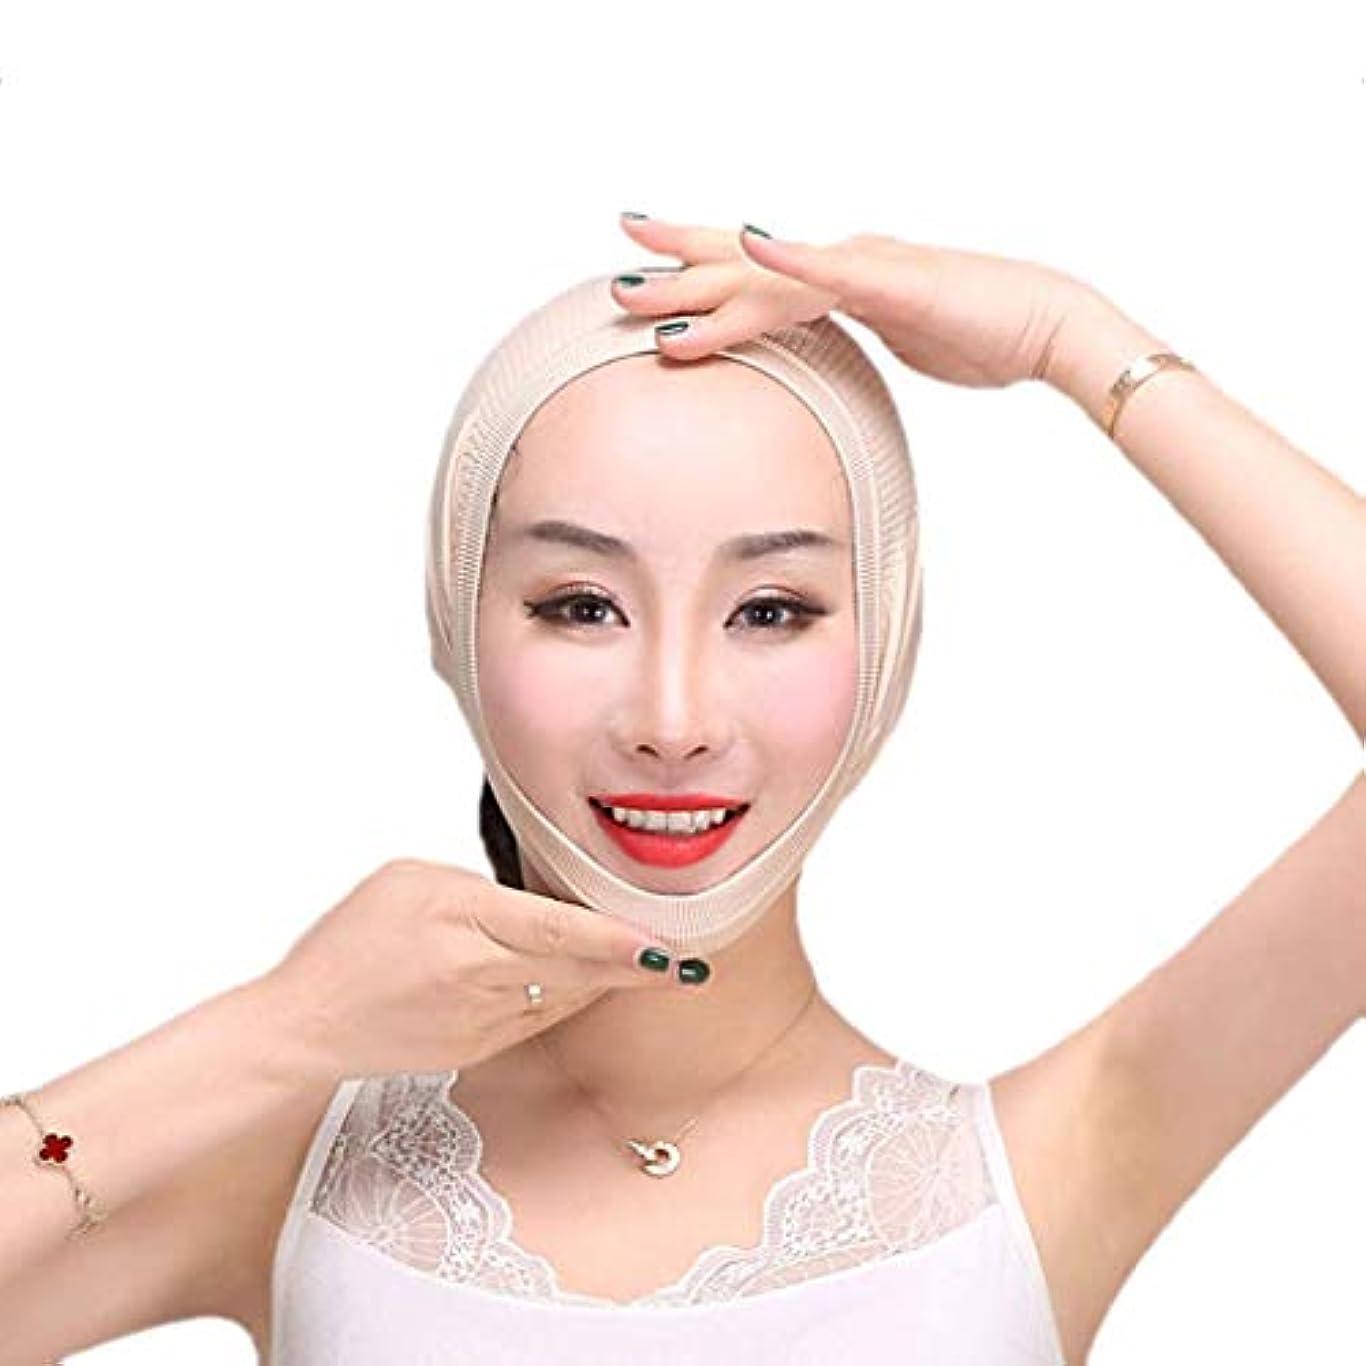 ジョージバーナード手首東ティモールフェイスリフトマスク、フェイススリミングマスク、チンストラップ、フェイスマッサージ、フェイシャル減量マスク、チンリフティングベルト(ワンサイズ)